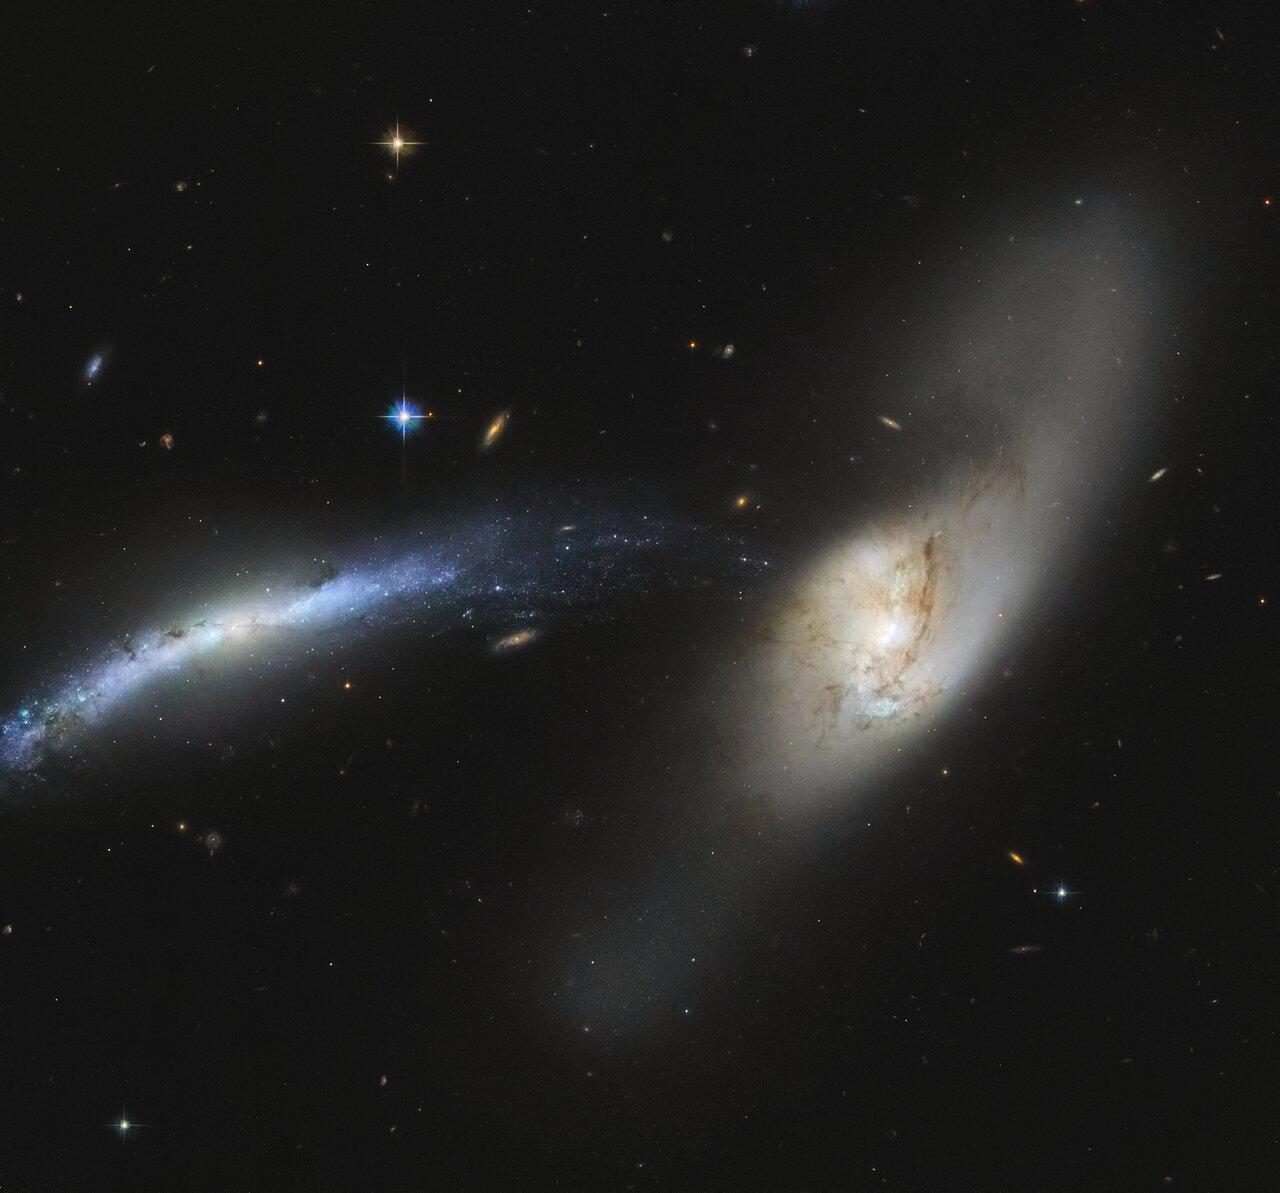 """Telescopio Espacial Hubble observa una """"tromba cósmica"""" en esta deslumbrante imagen"""